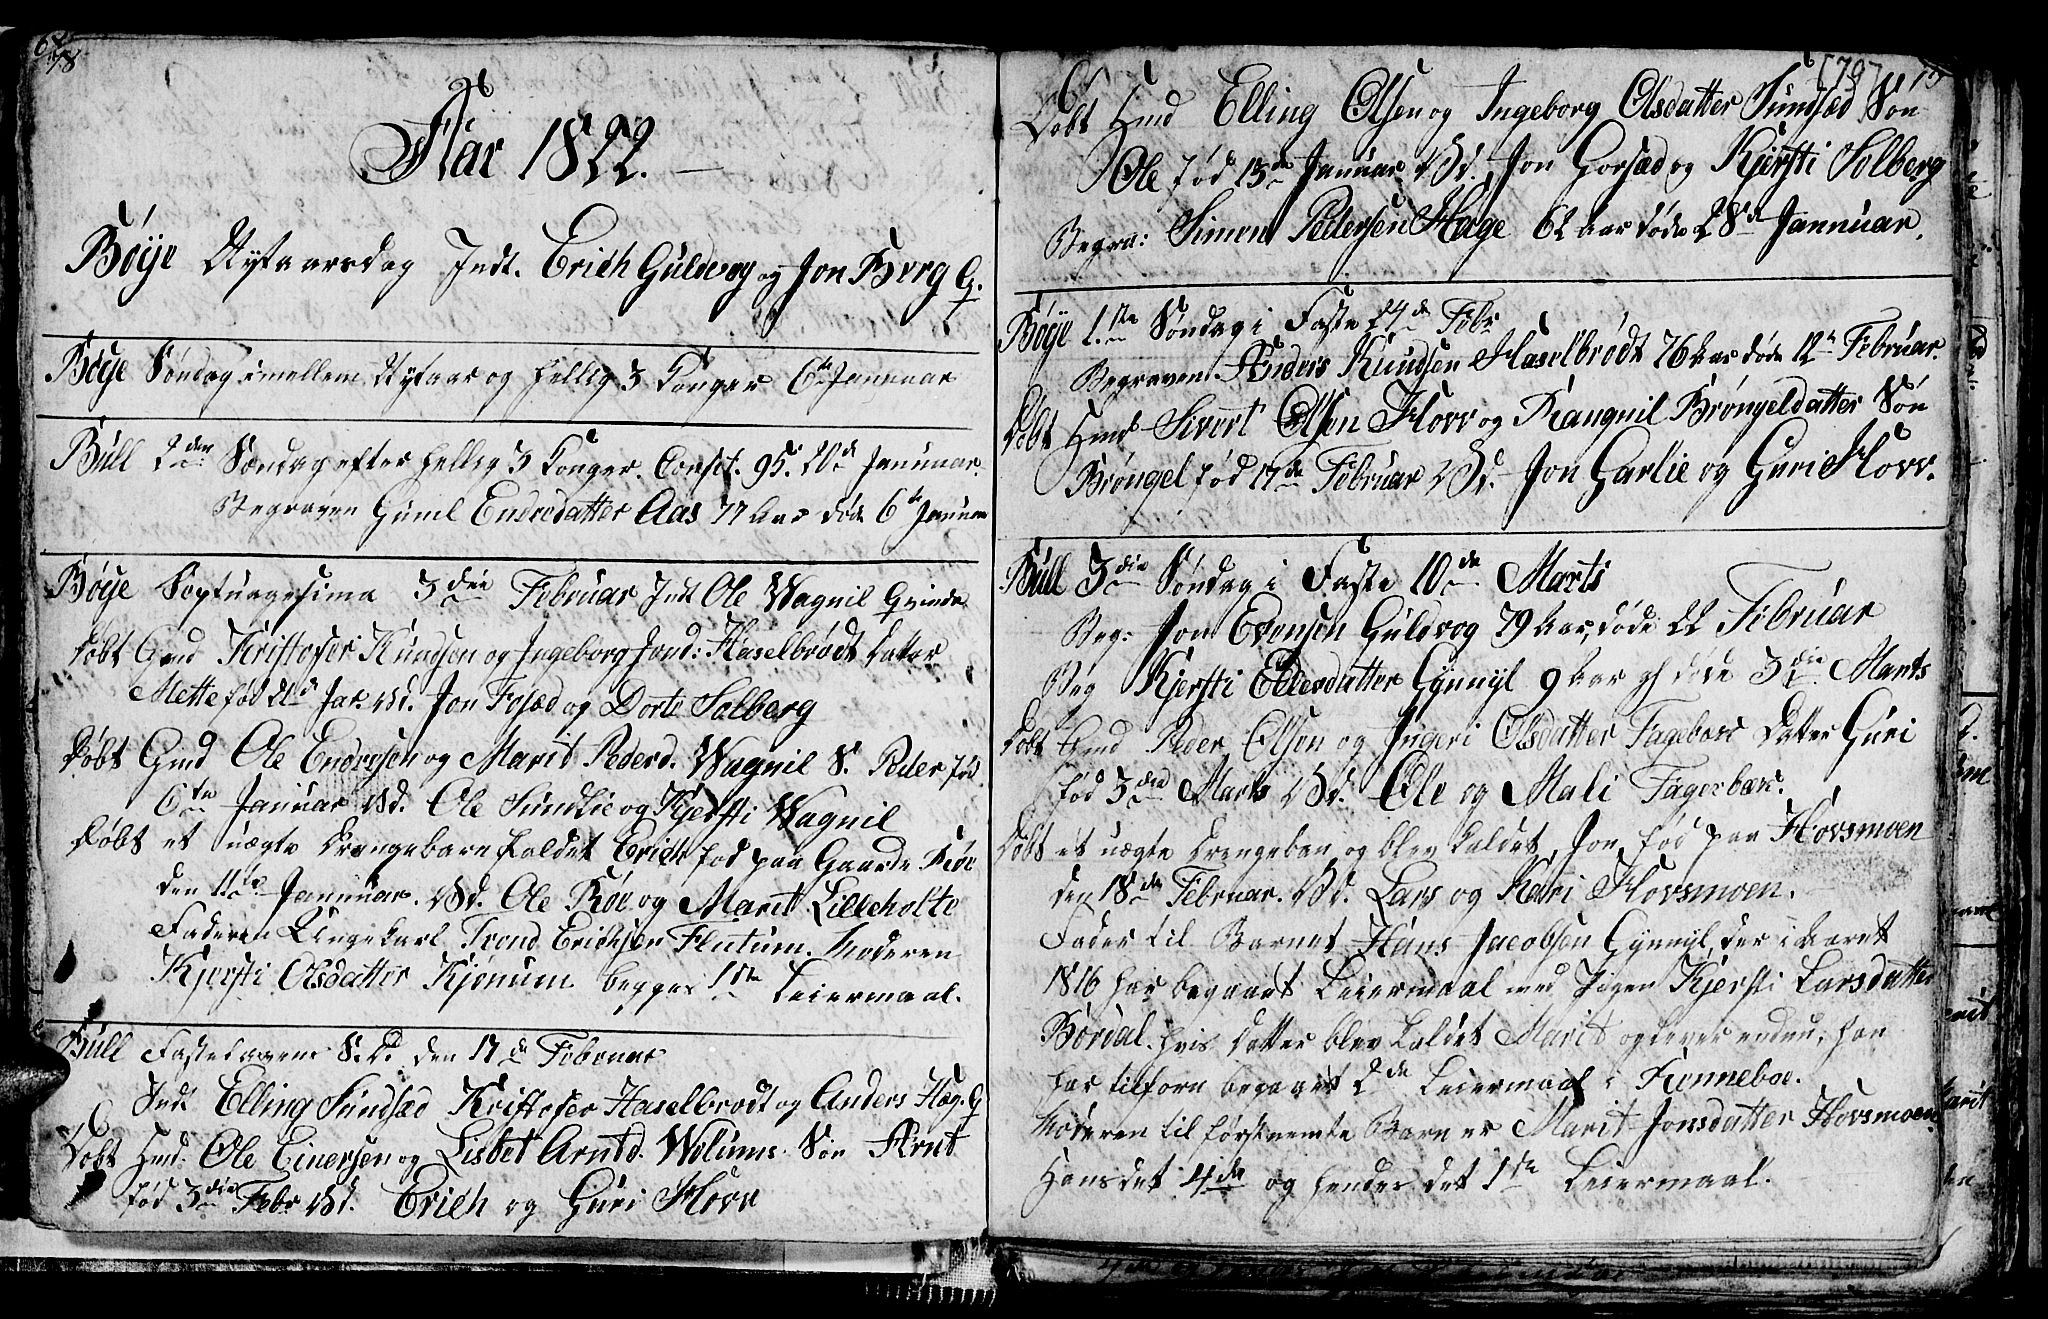 SAT, Ministerialprotokoller, klokkerbøker og fødselsregistre - Sør-Trøndelag, 689/L1042: Klokkerbok nr. 689C01, 1812-1841, s. 78-79